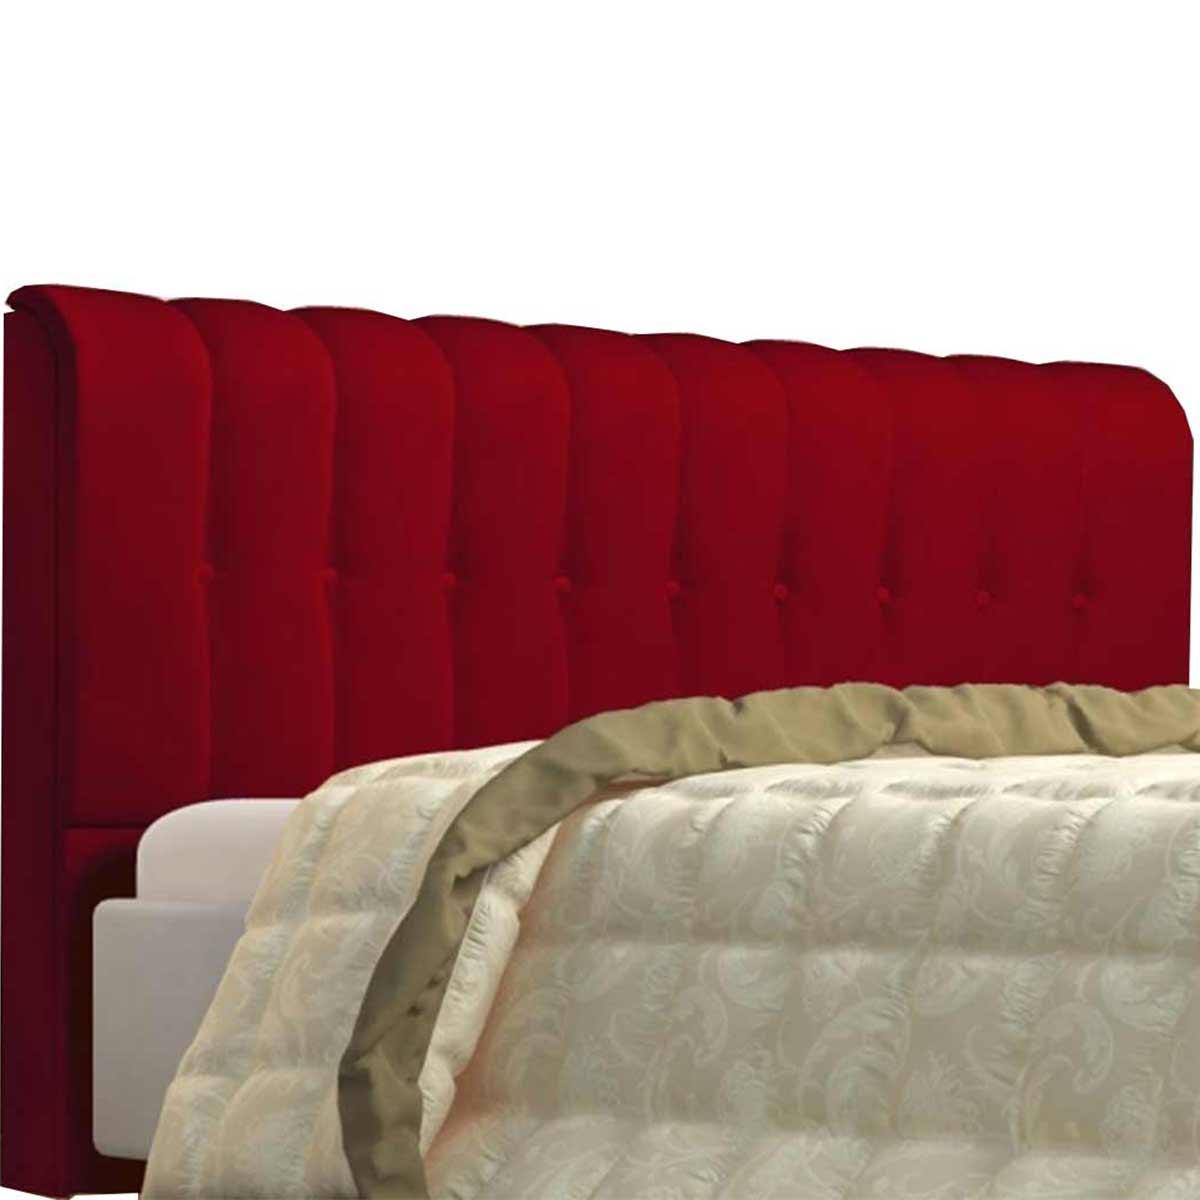 Cabeceira Kiara Casal 140 cm Veludo Vermelho Casa Chick